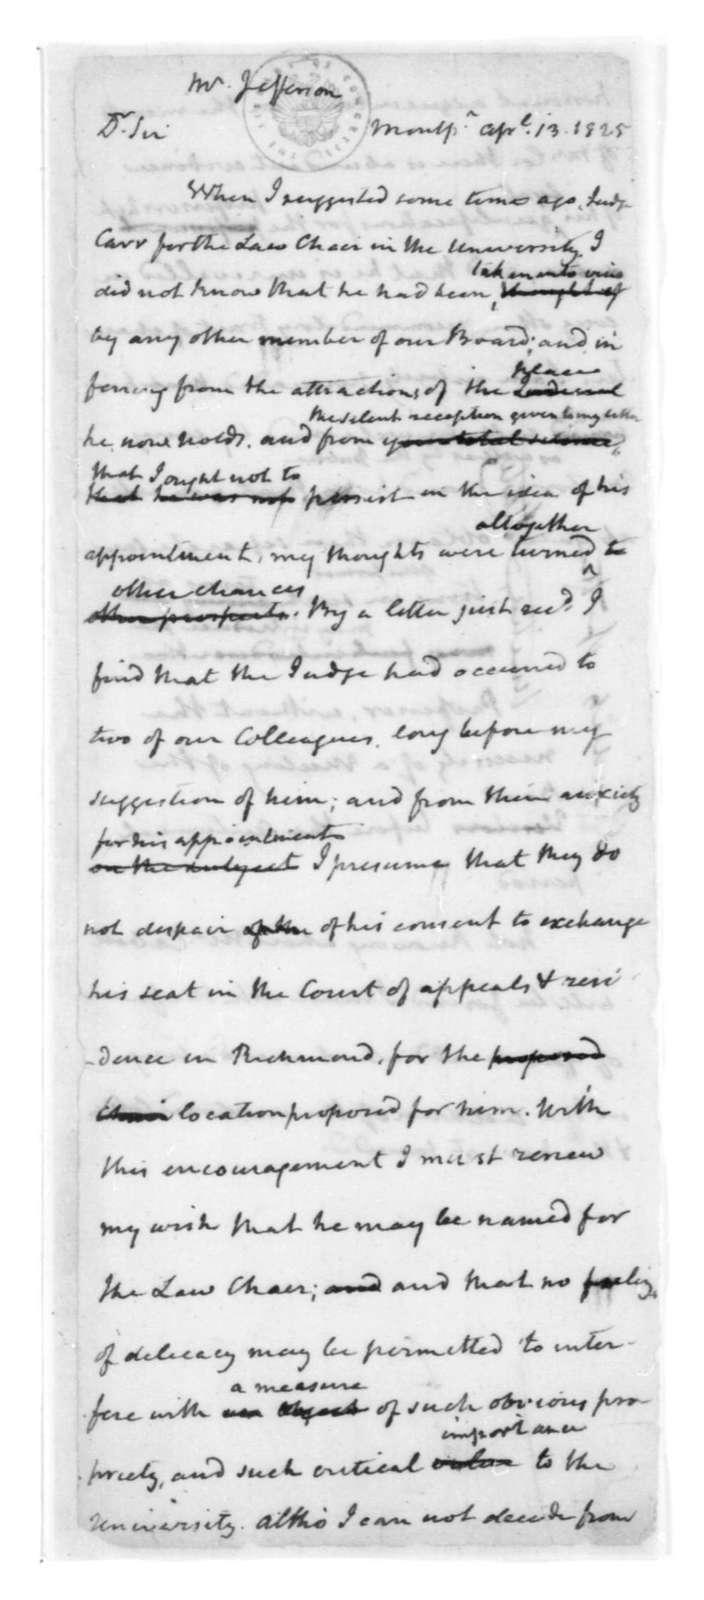 James Madison to Thomas Jefferson, April 13, 1825.